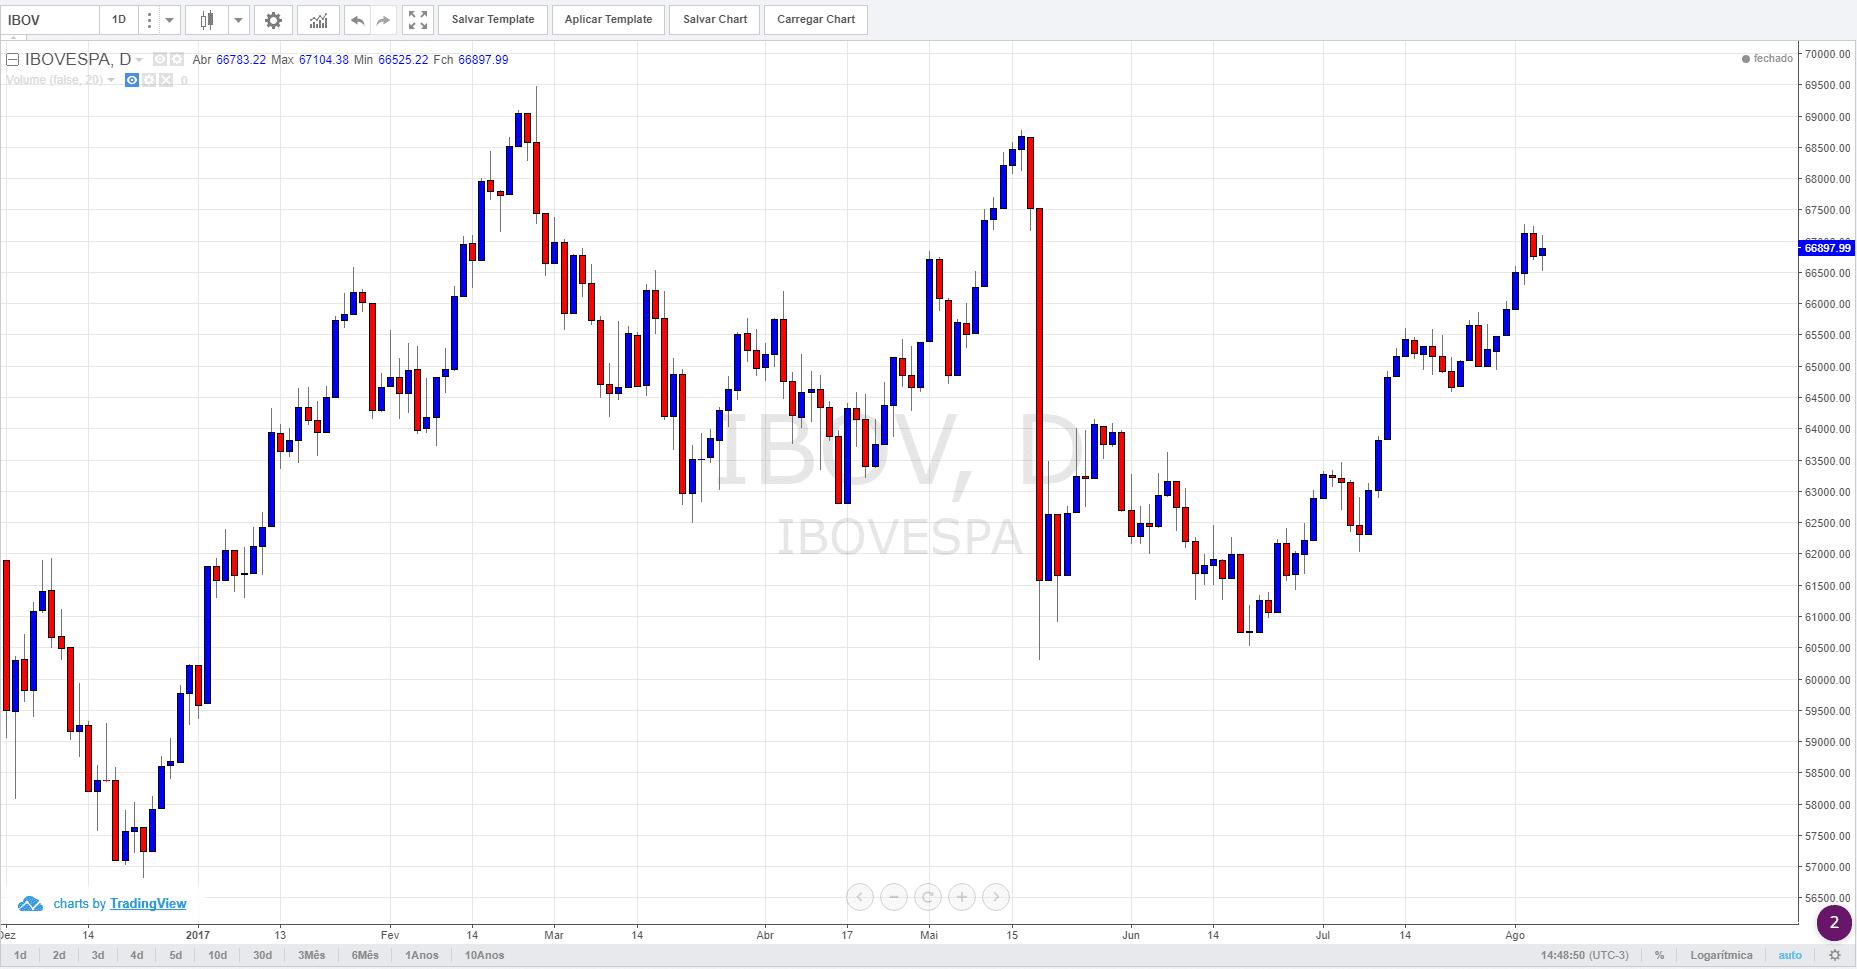 curso de mercado de ações